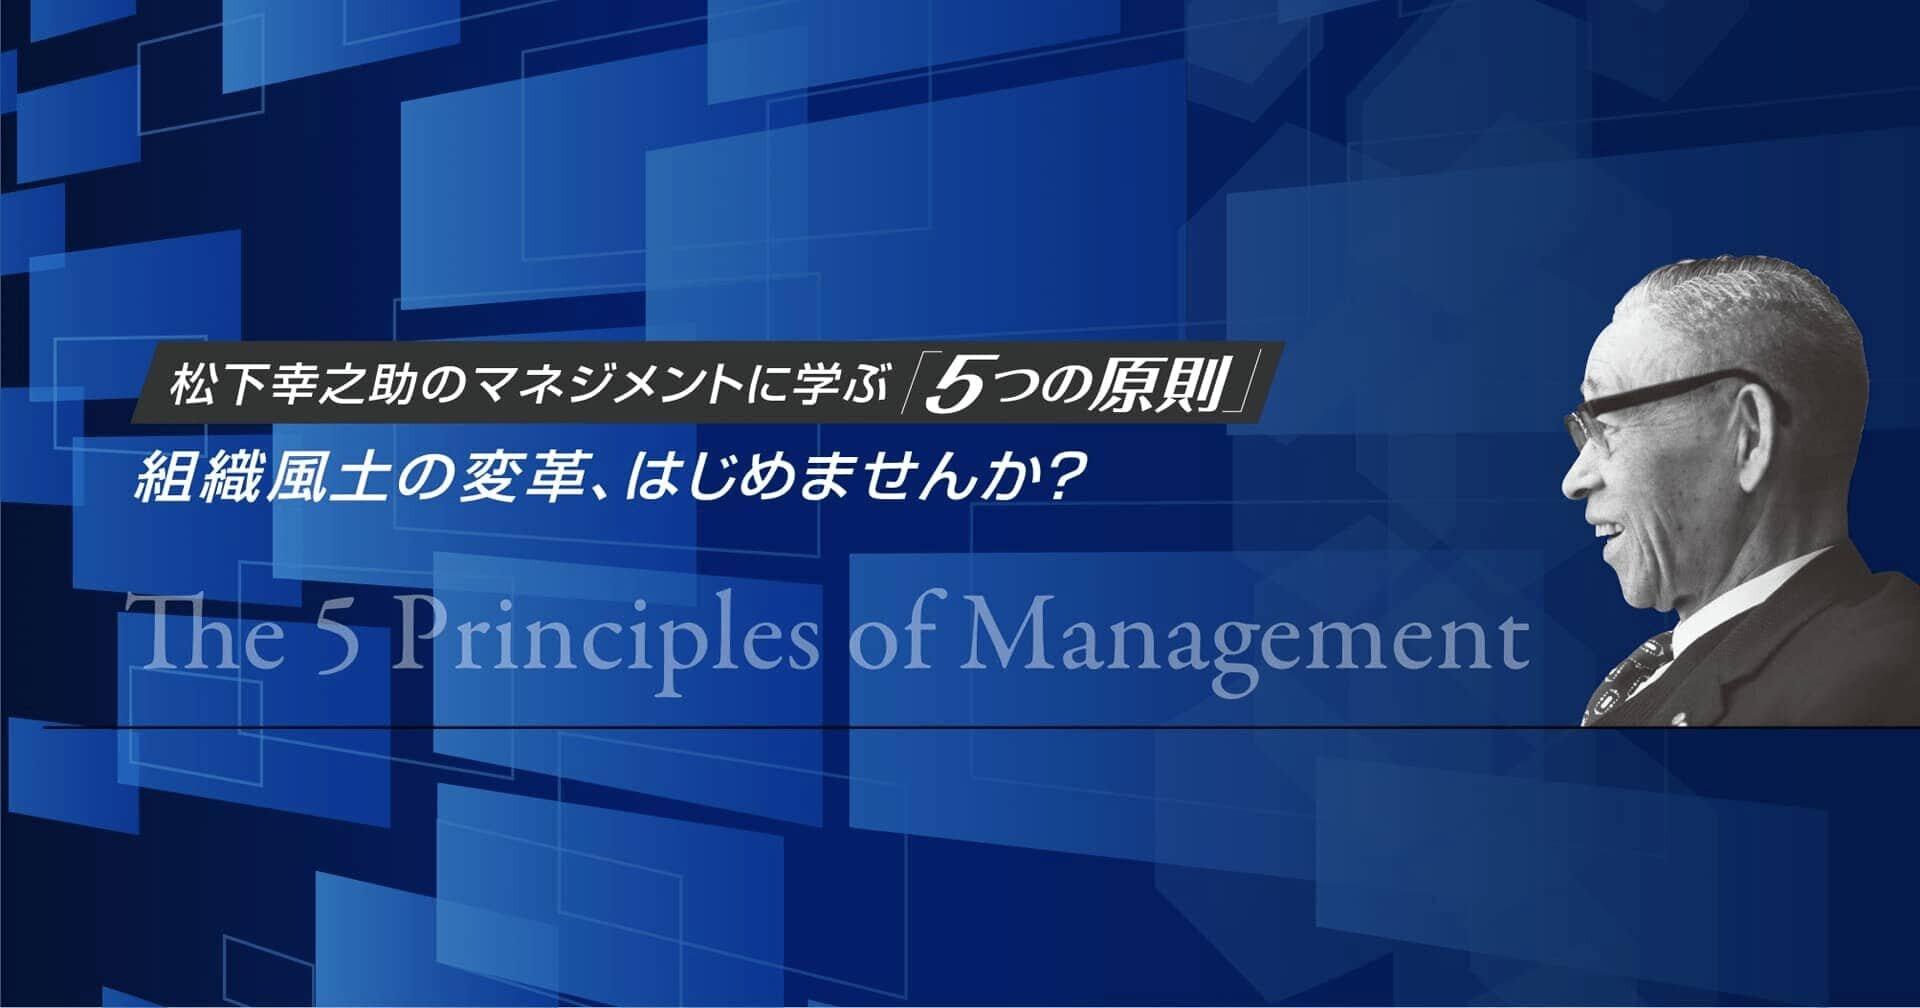 組織風土変革のためのリーダー研修「松下幸之助のマネジメントに学ぶ 5つの原則」